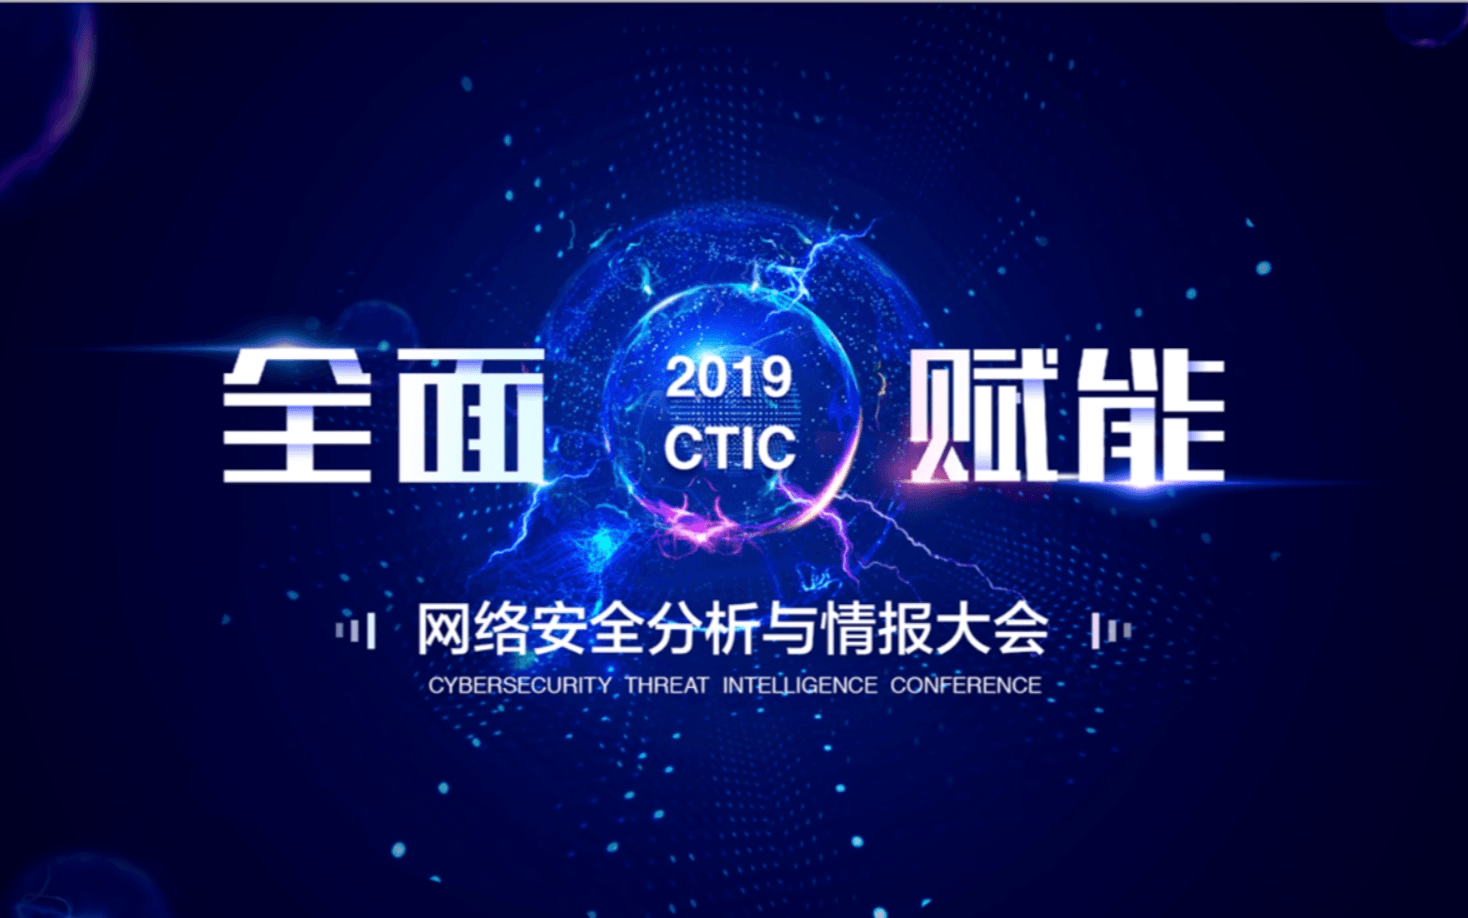 2019CTIC网络安全剖析与情报大会(北京)